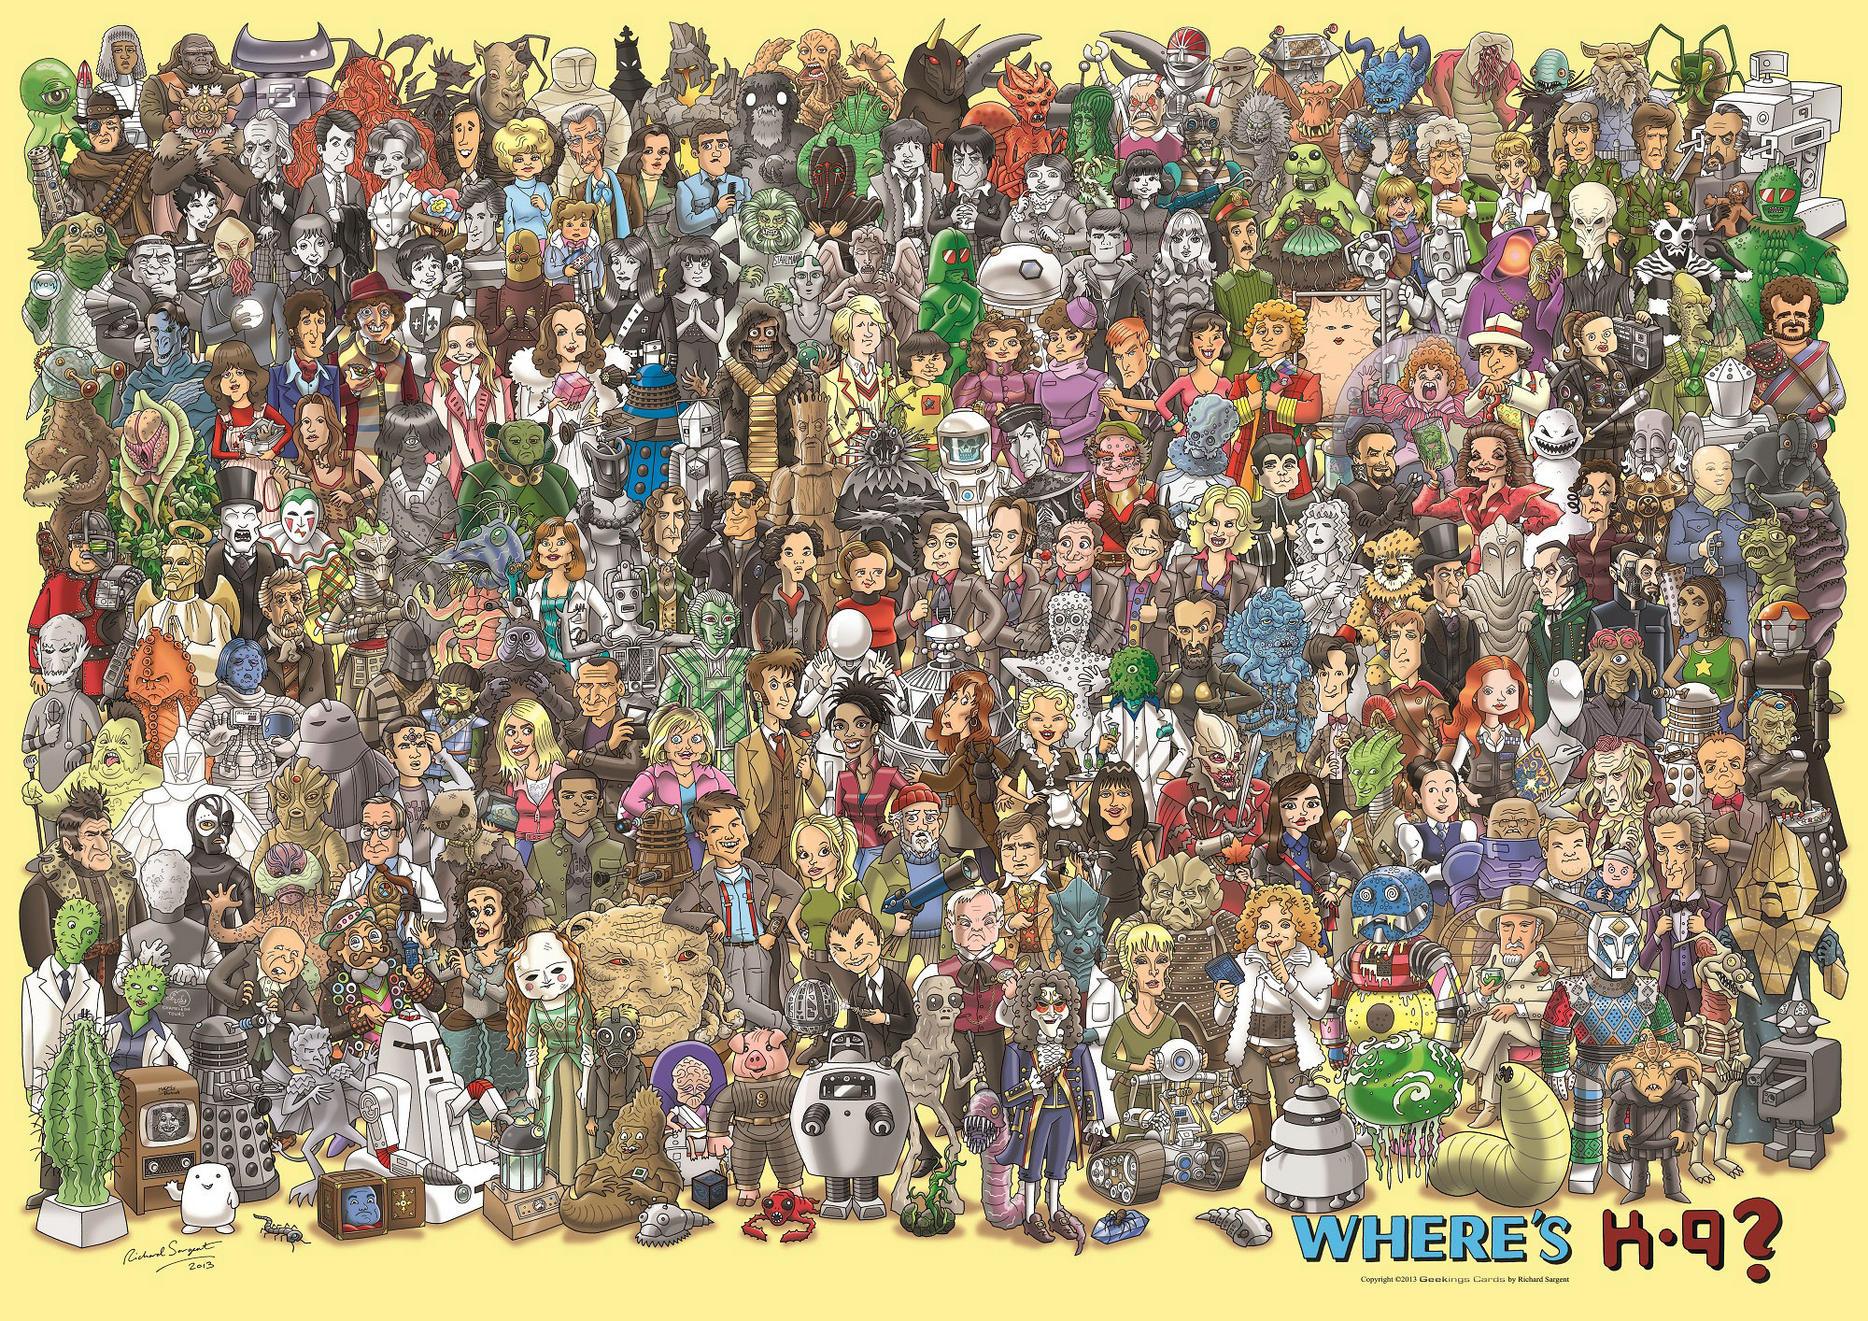 Wheres-Wall-E-3